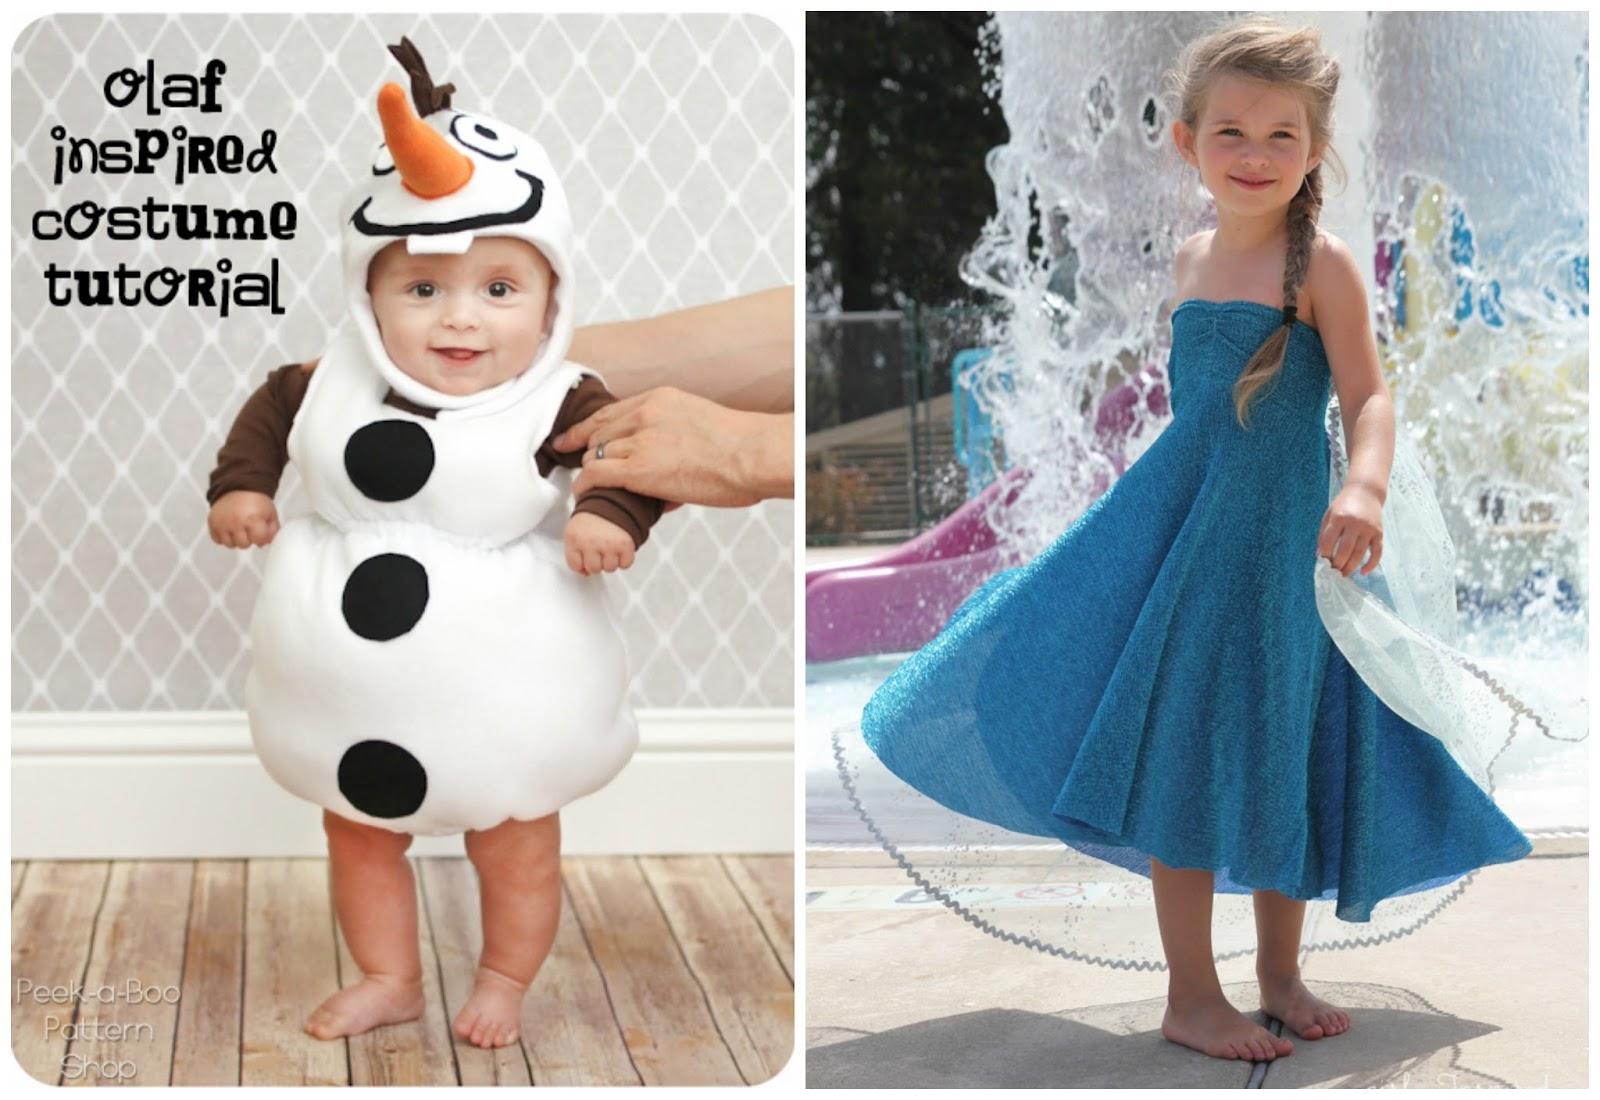 Immagini costumi di carnevale per bambini - Cartamodello costume da bagno ...